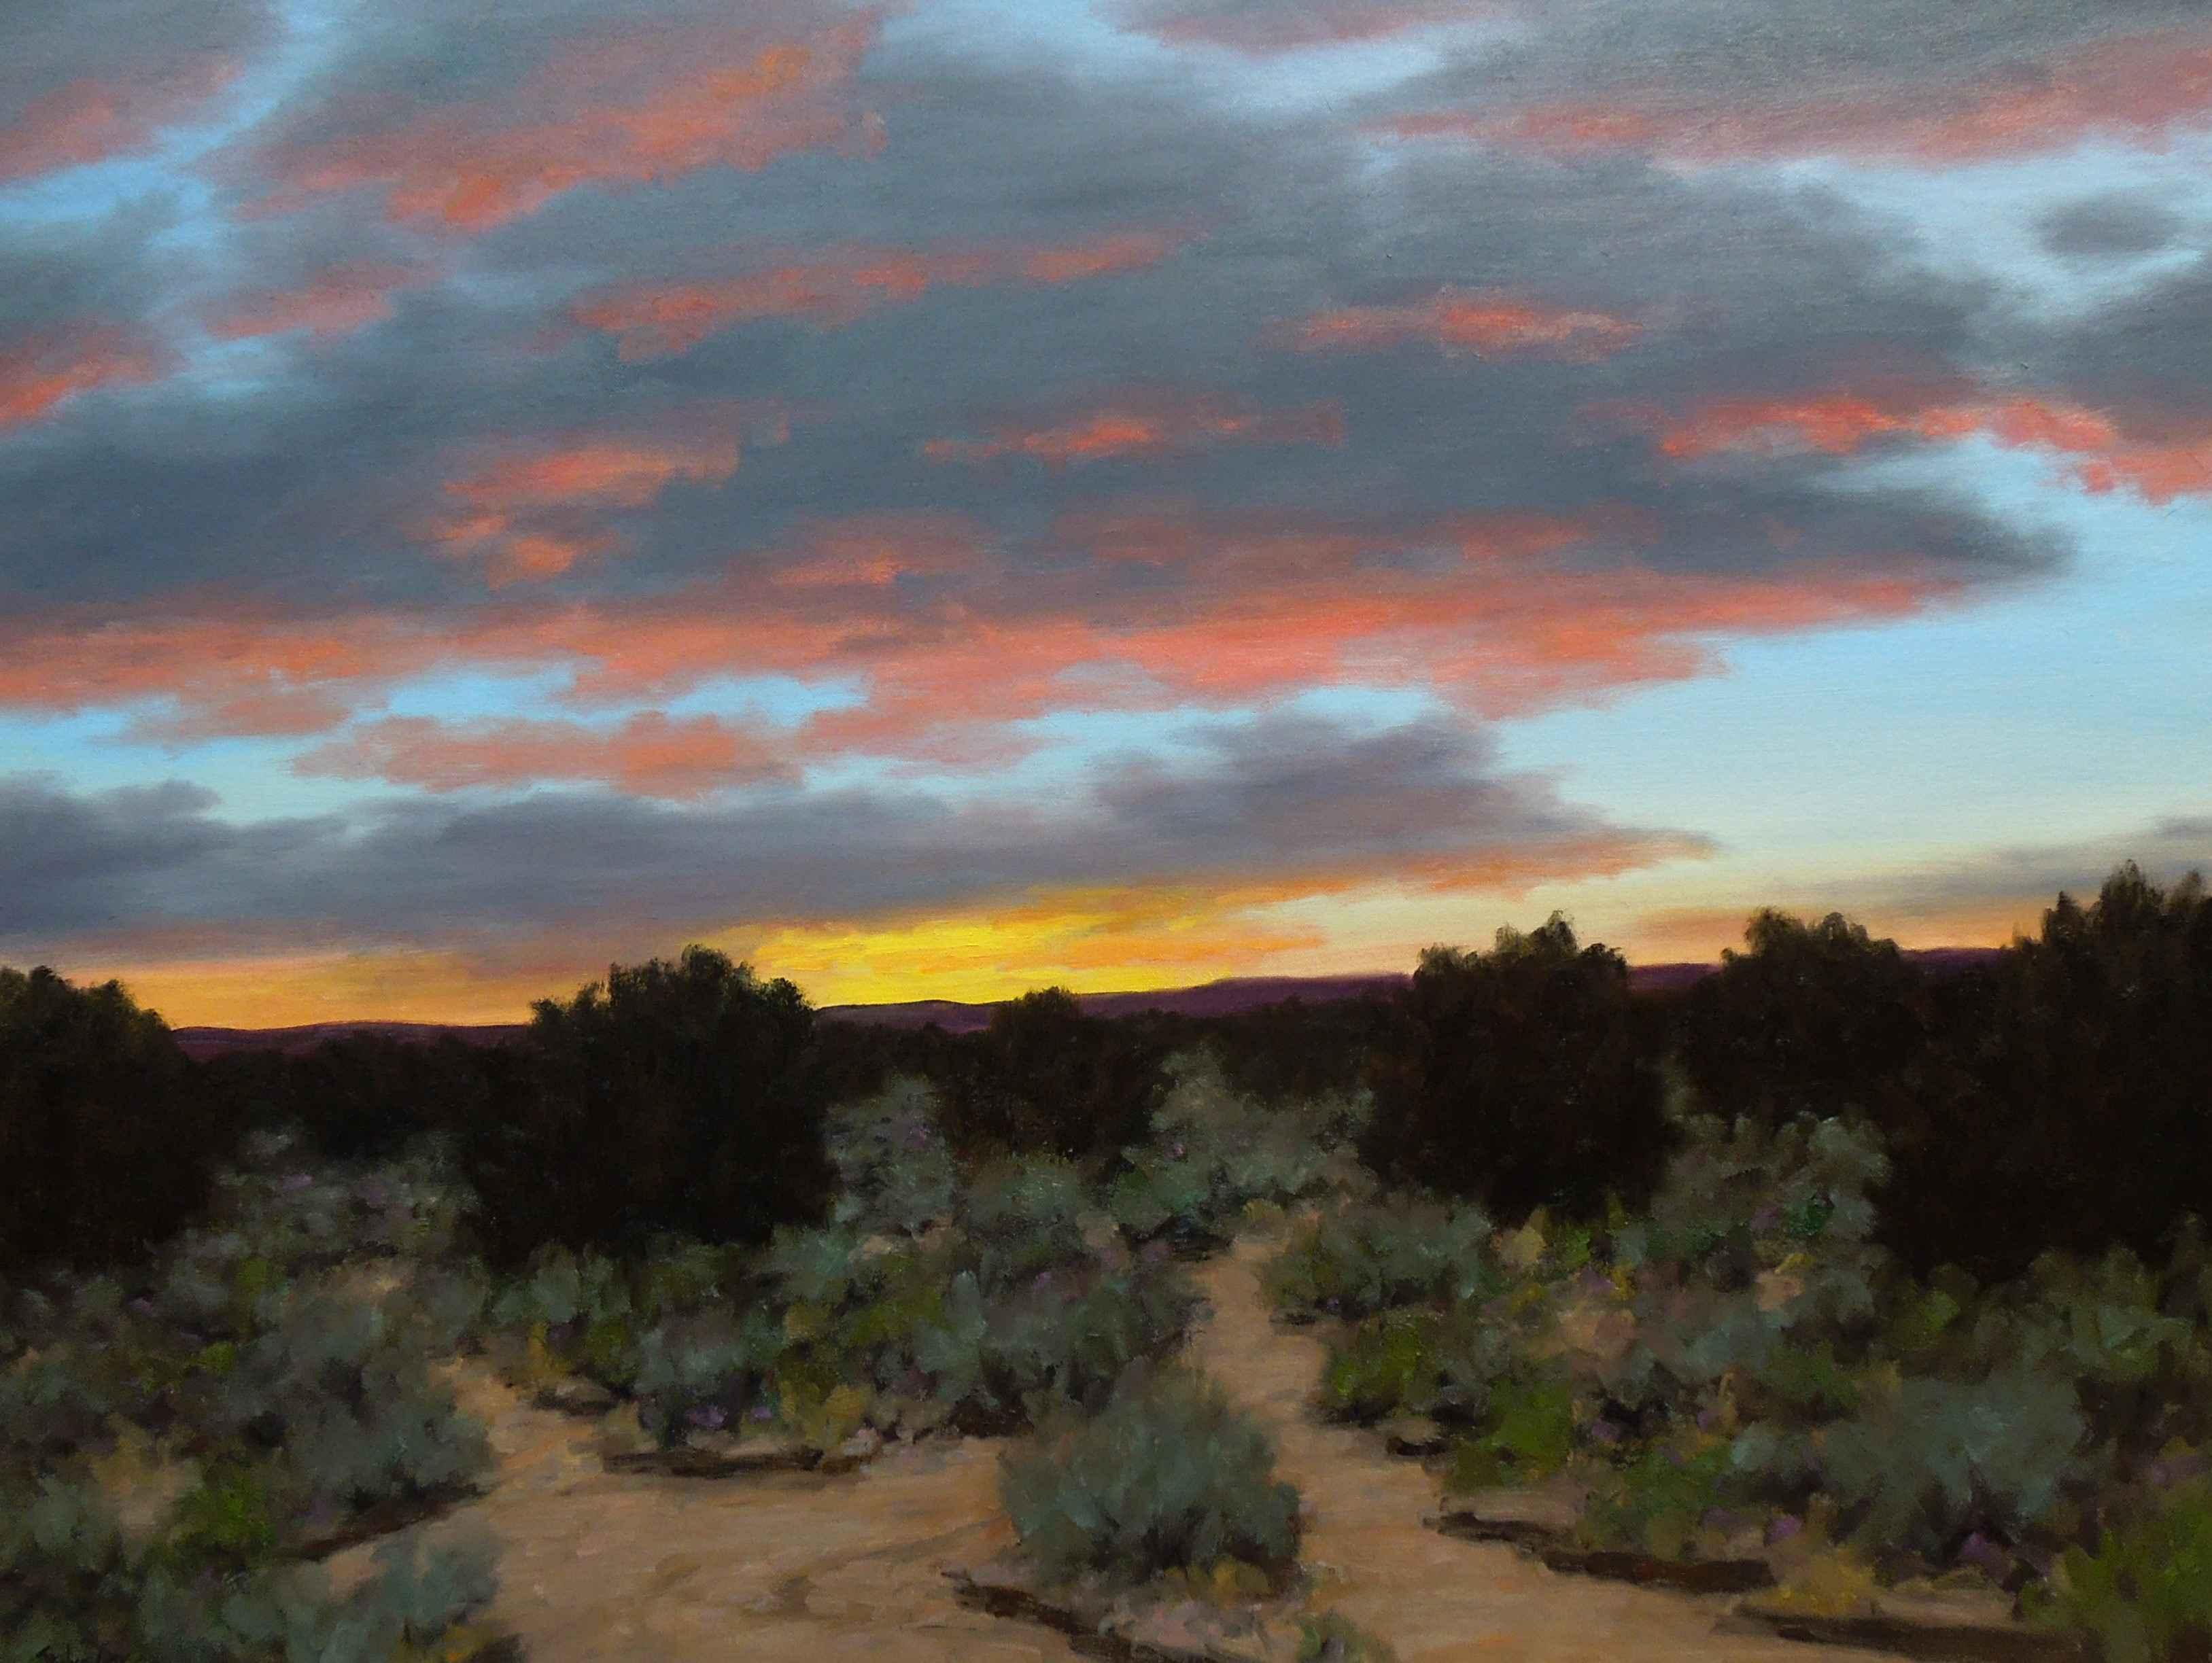 evening spectrumstephen day - sorrel sky gallery